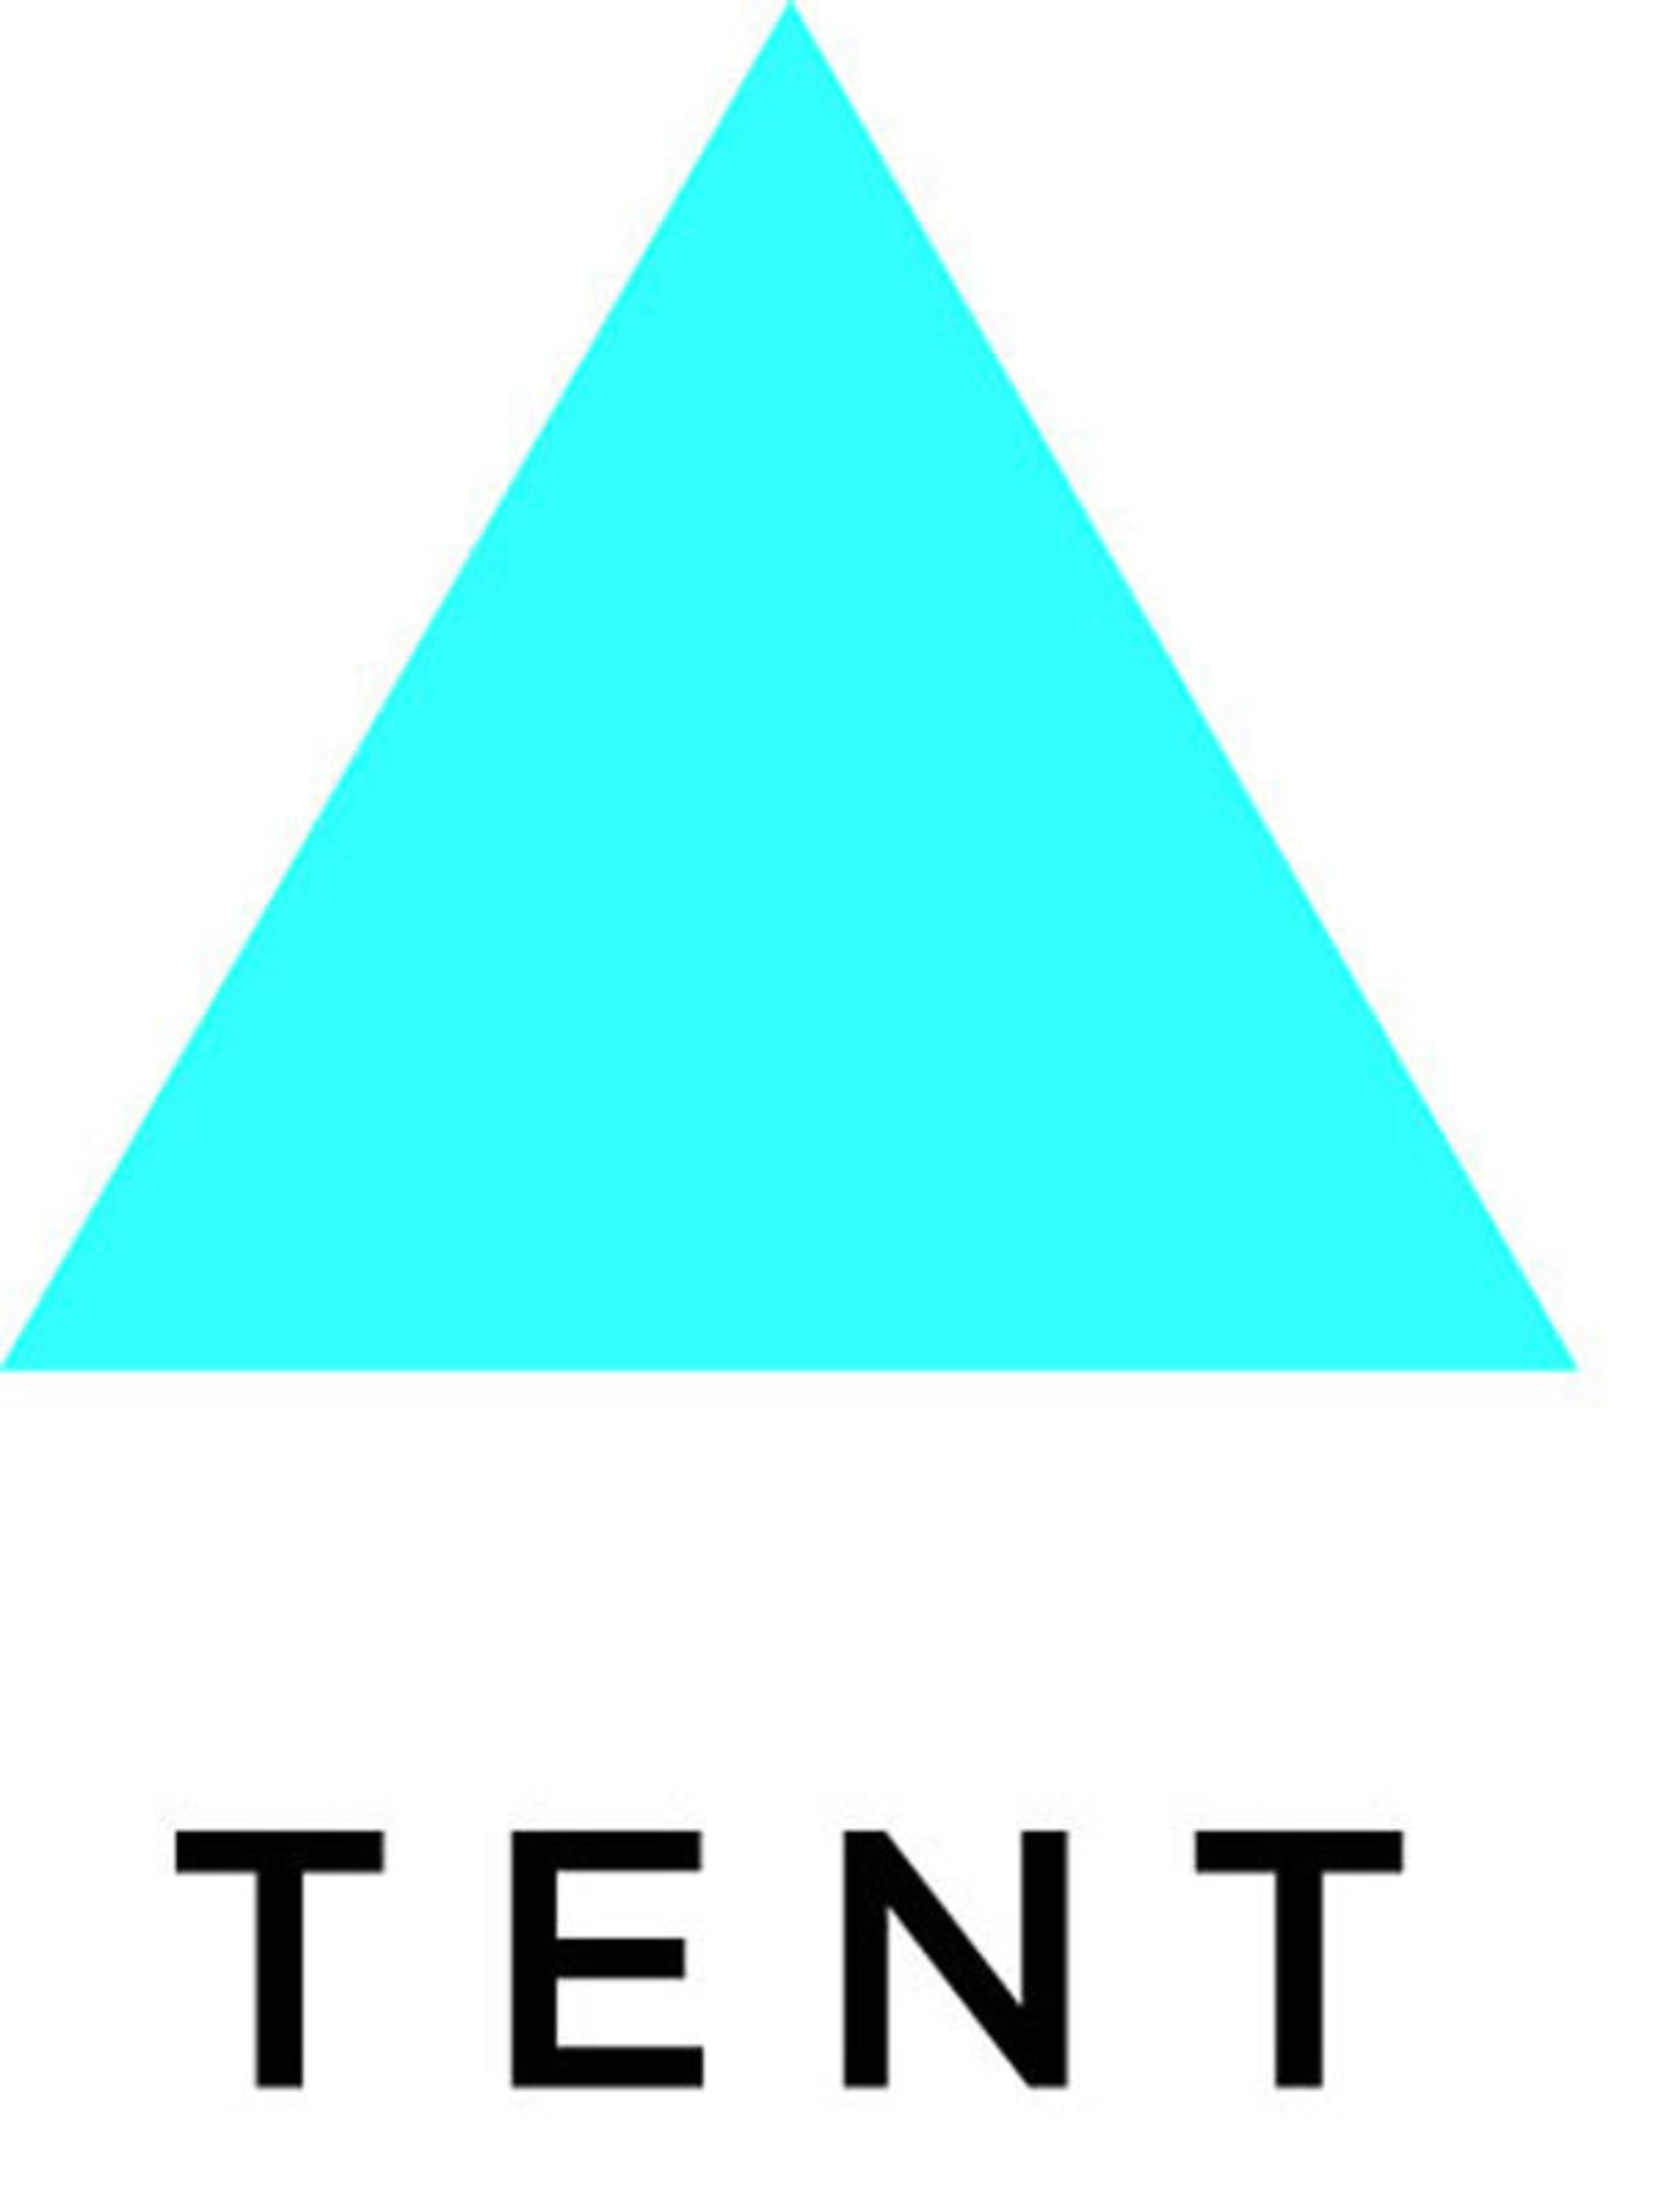 Tent Foundation kündigt Selbstverpflichtung globaler Unternehmen als Beitrag zur Lösung der